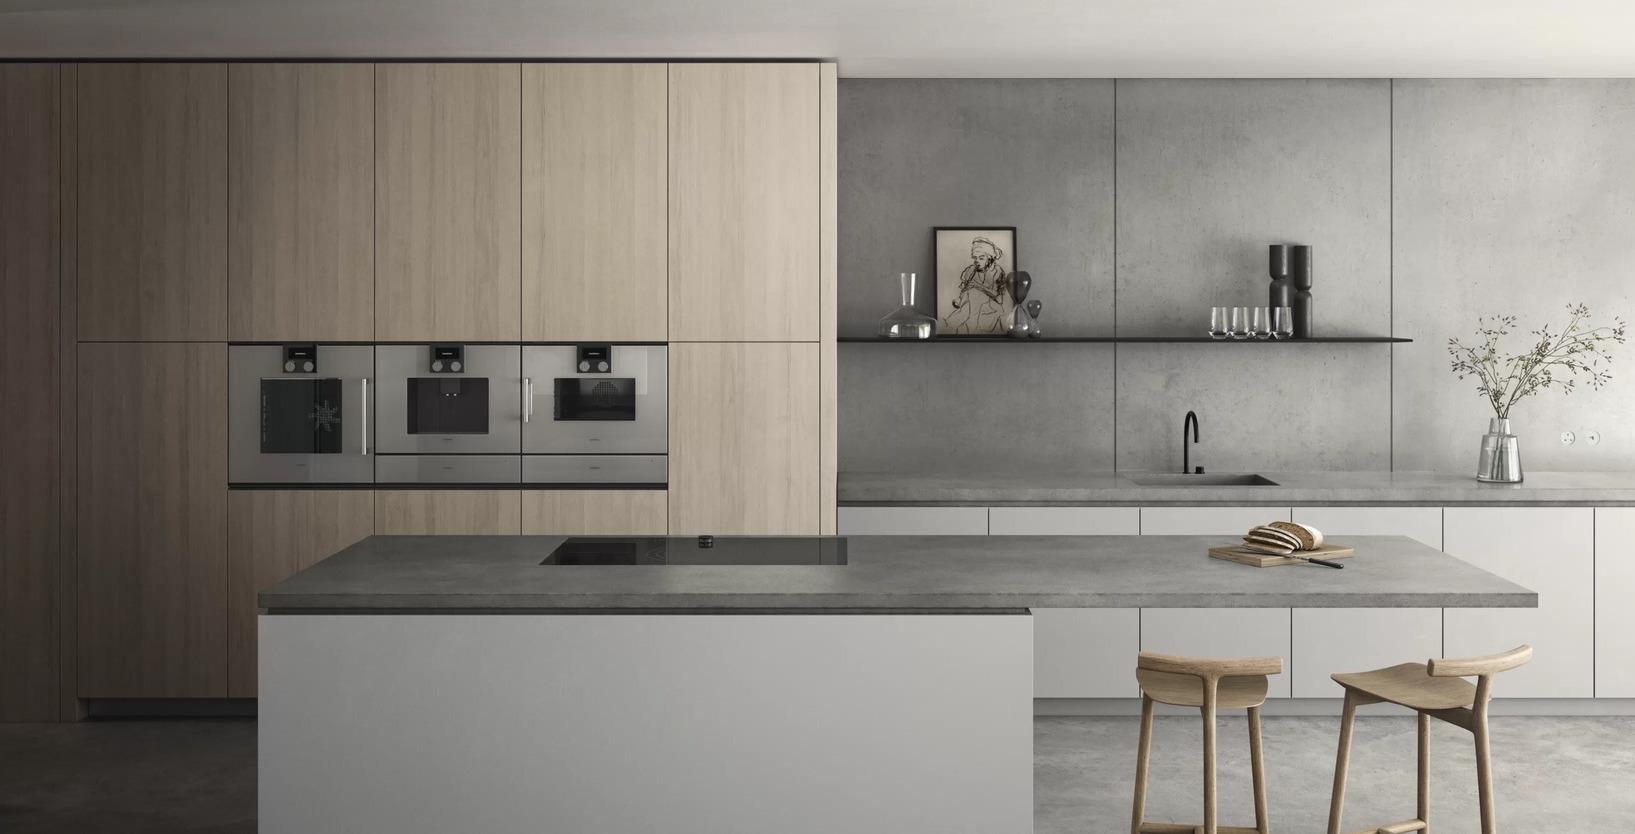 Vor der eigentlichen Küchenplanung müssen die baulichen Vorraussetzungen betrachtet werden.